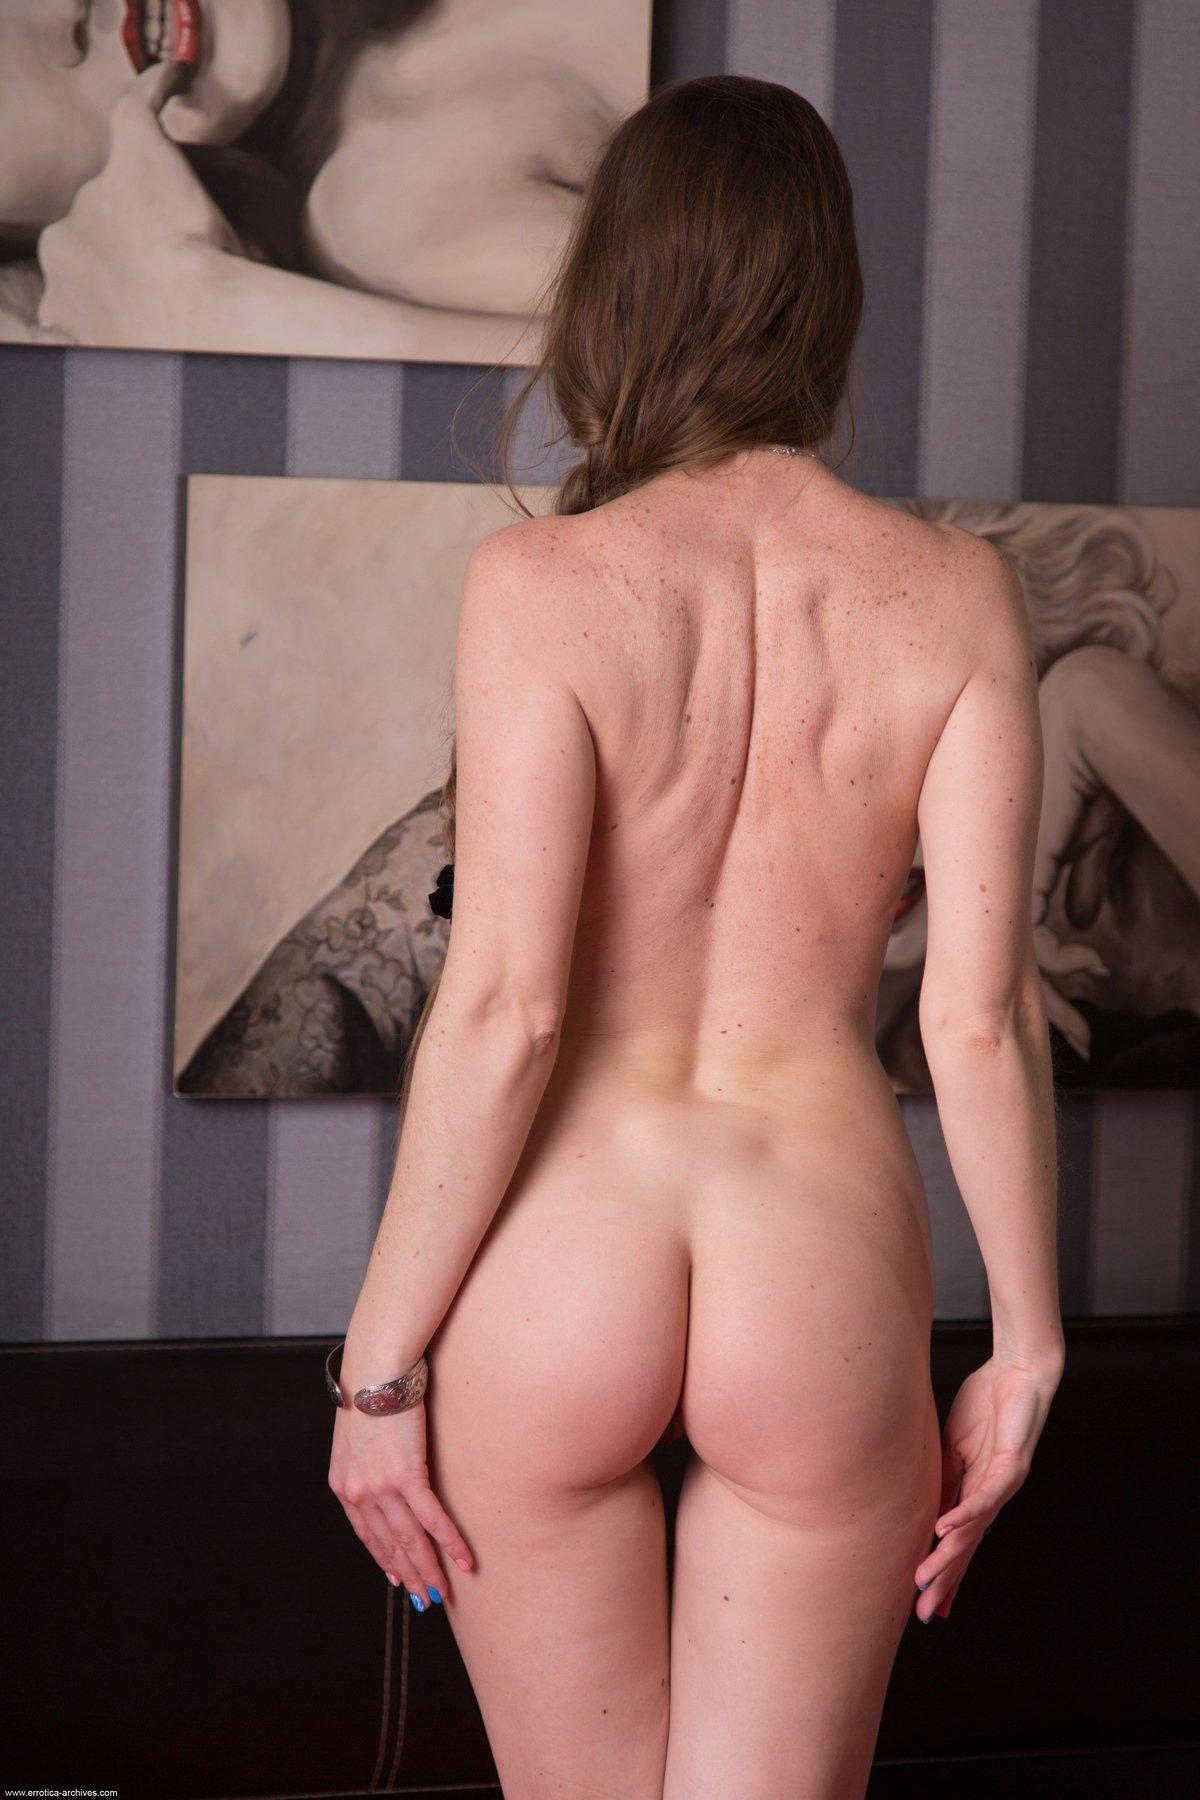 Молодая мамка продемонтстрировала интимную стрижку на пизде